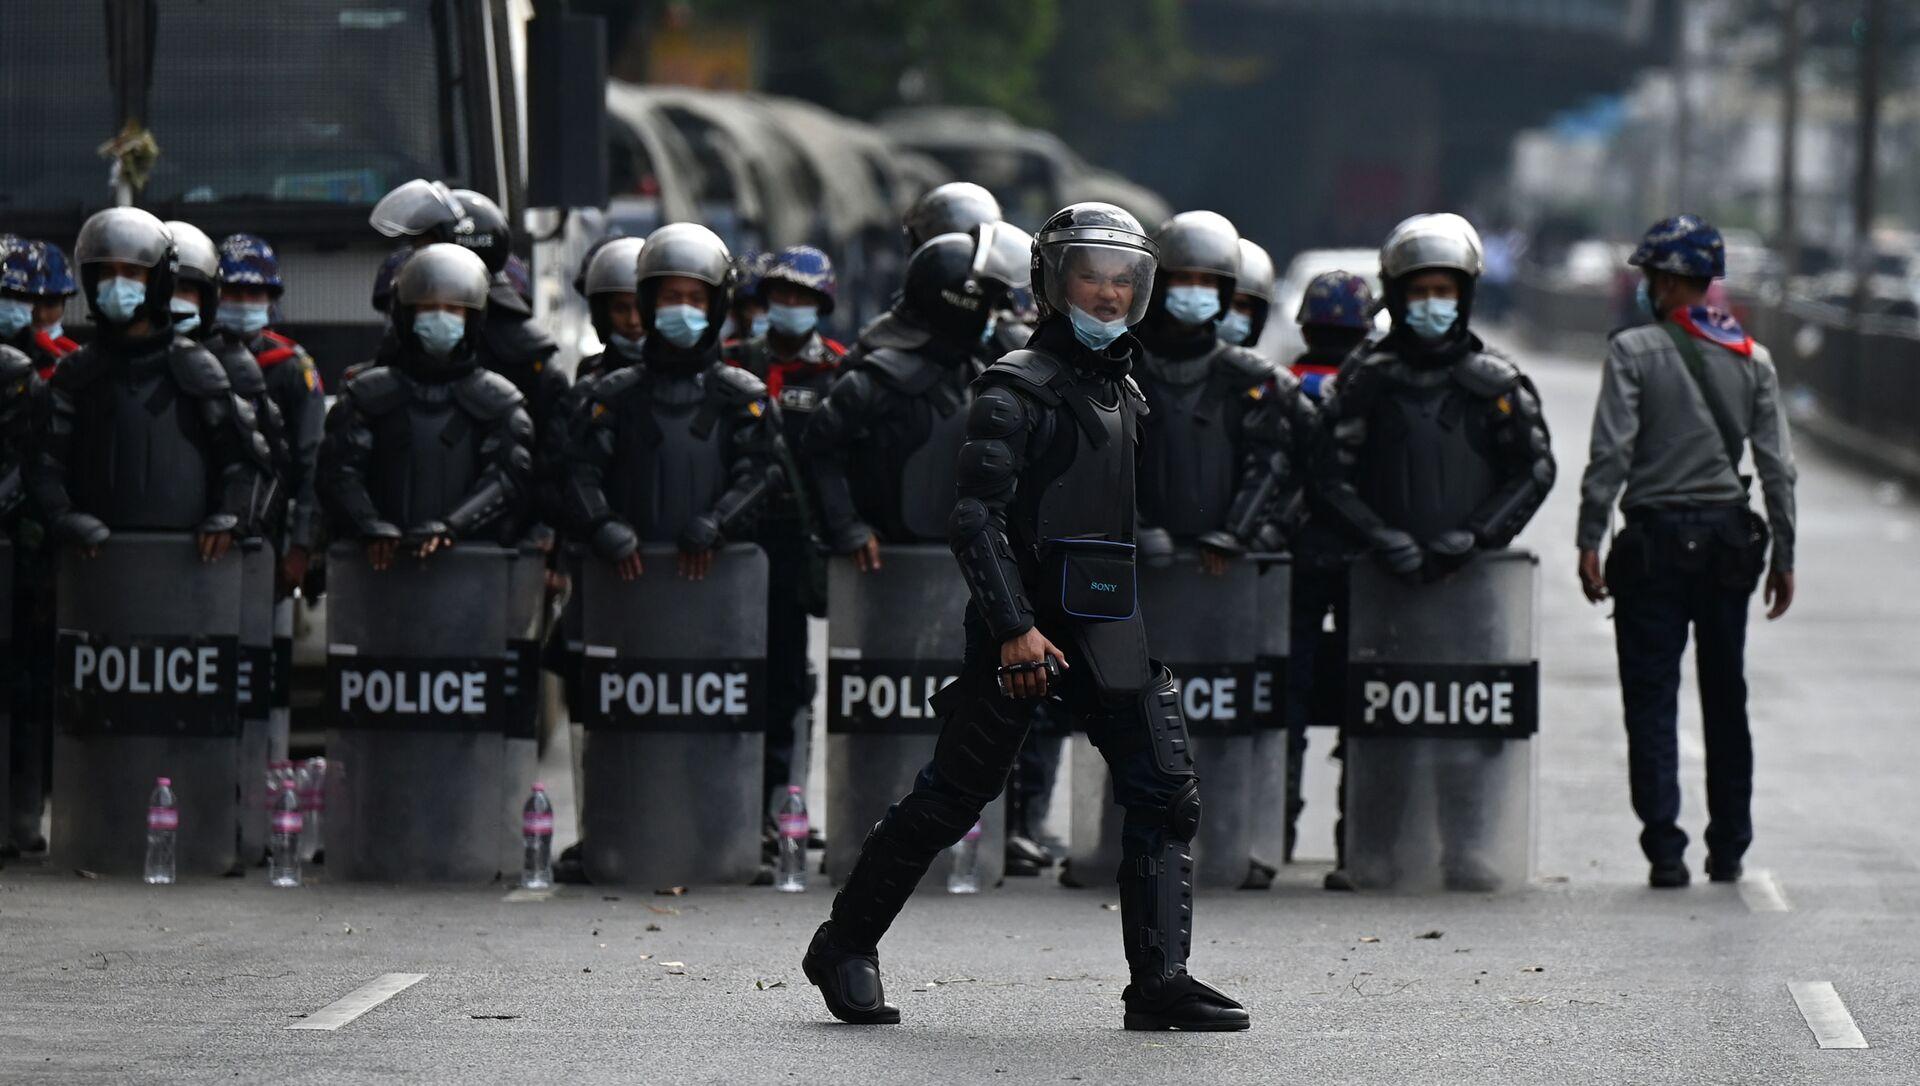 Policie v Myanmaru během protestní akce - Sputnik Česká republika, 1920, 06.02.2021